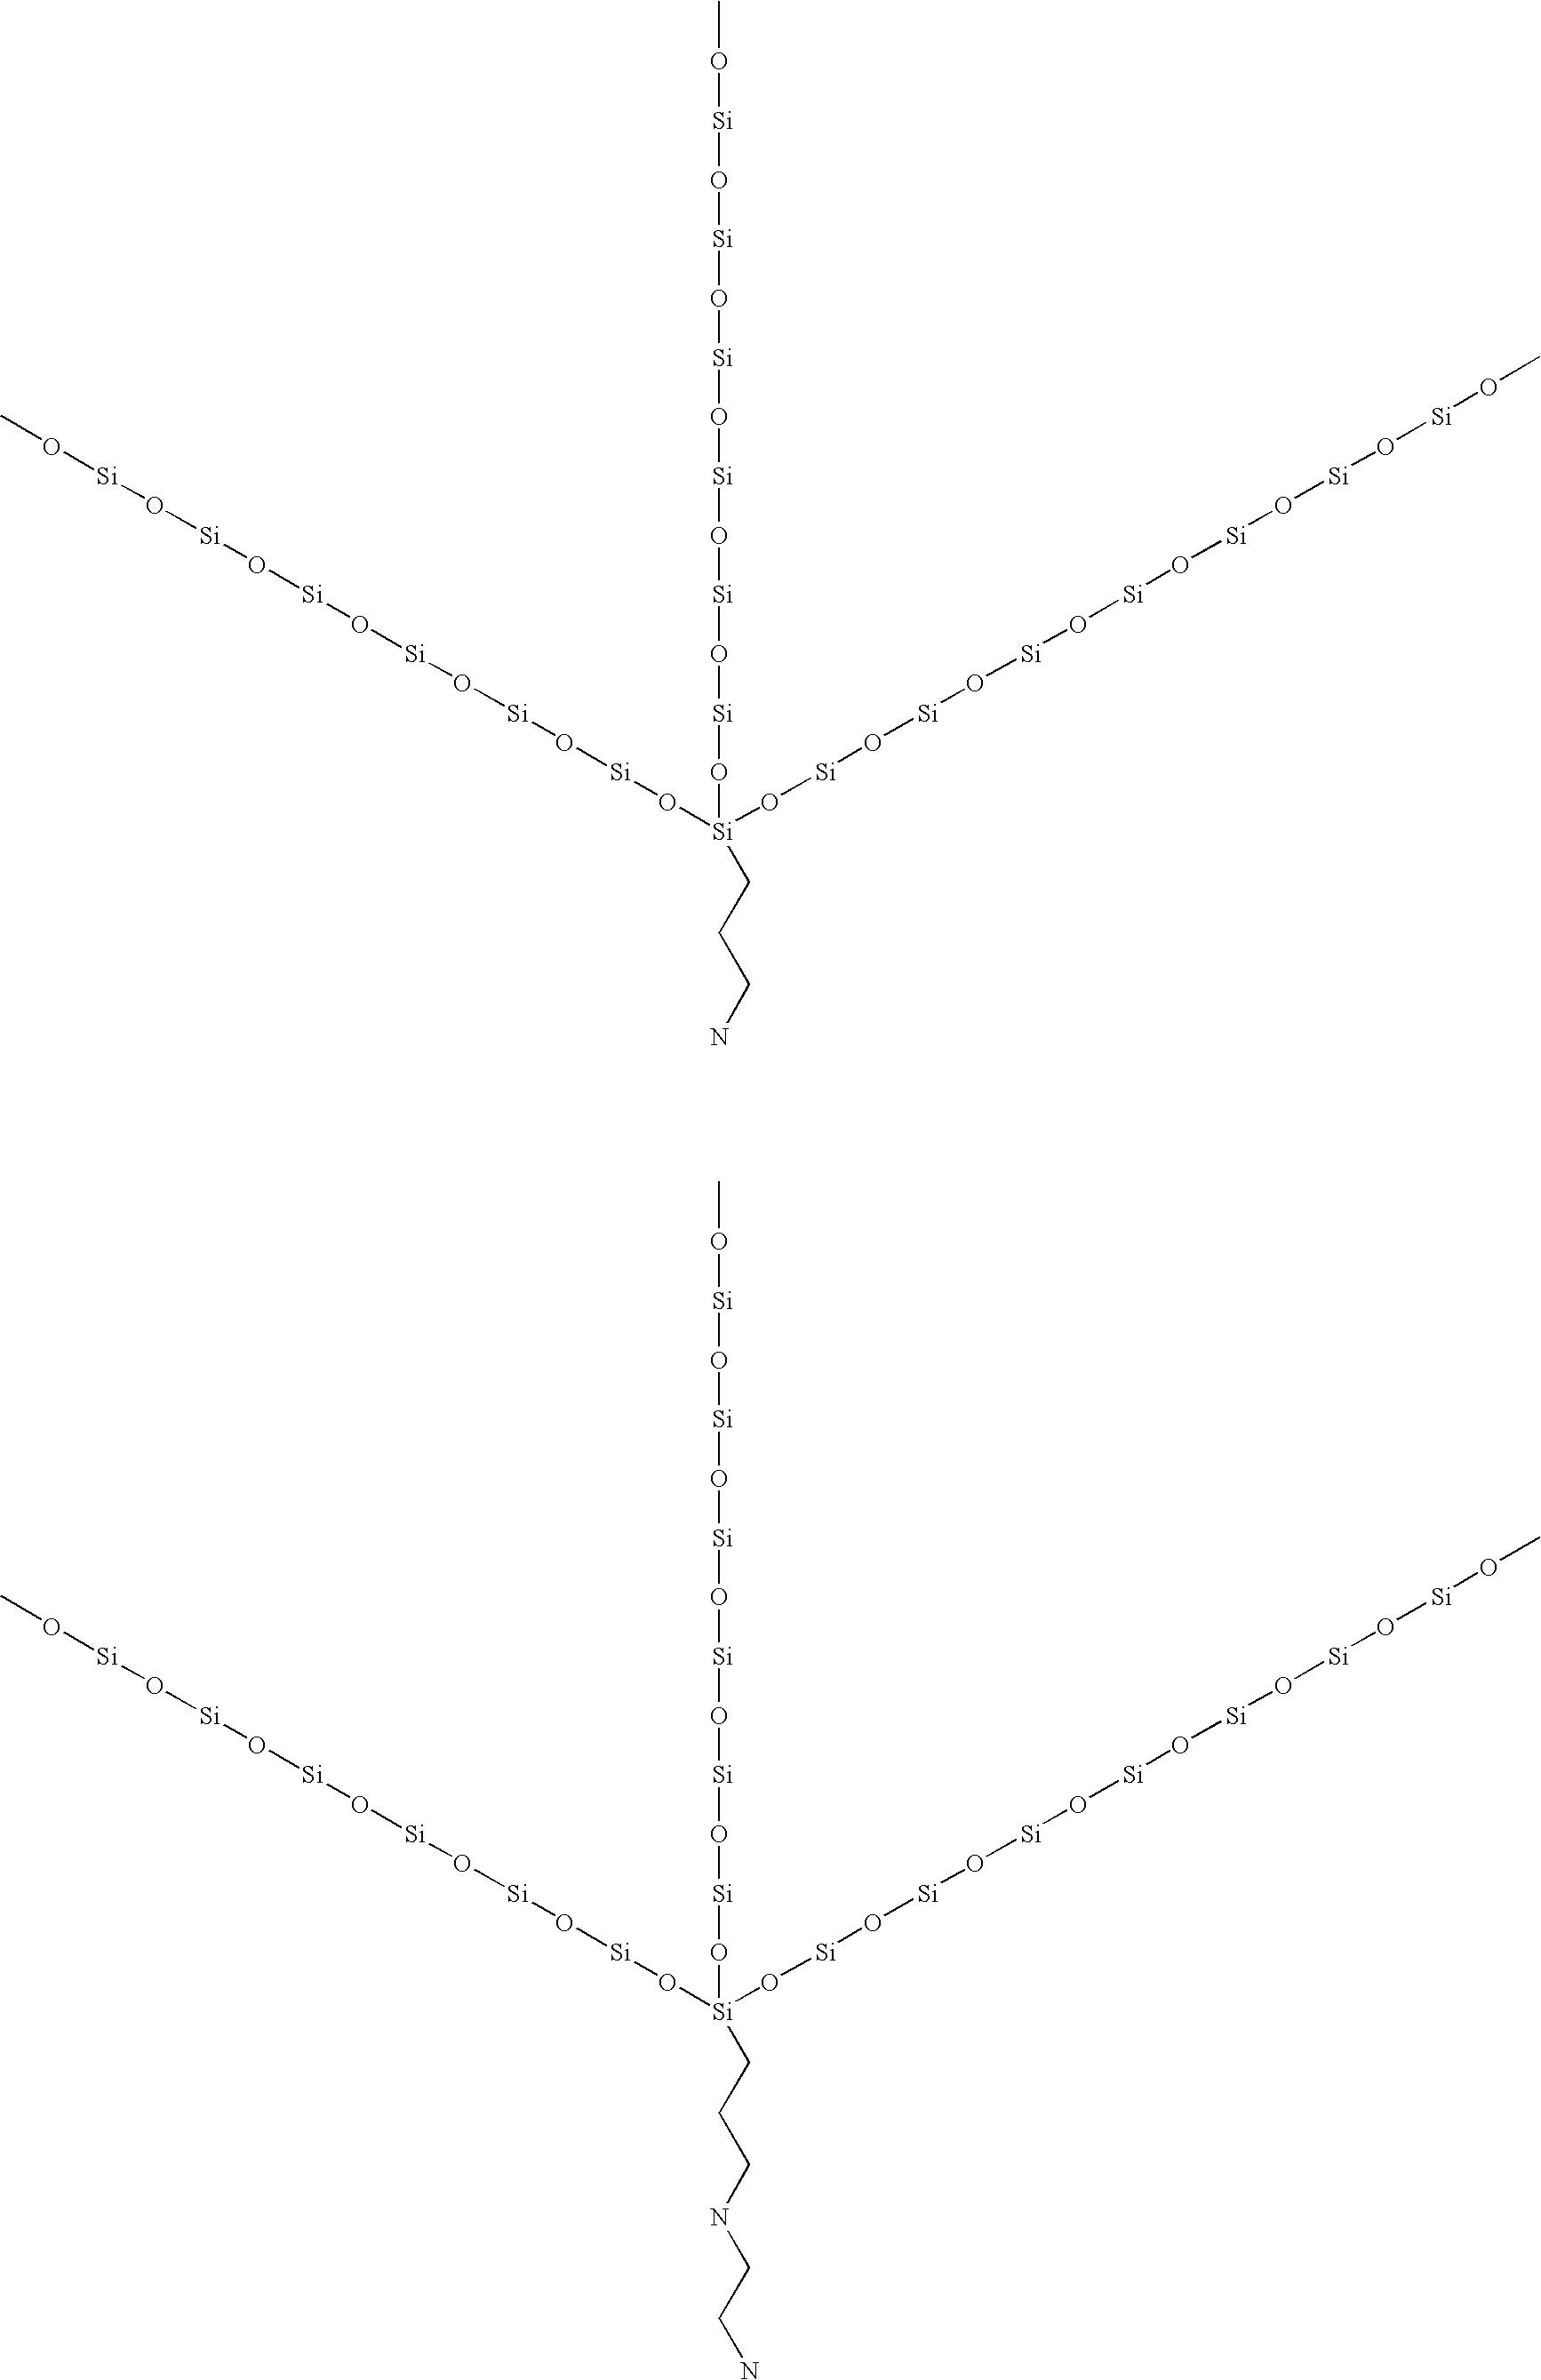 Figure US07186462-20070306-C00006